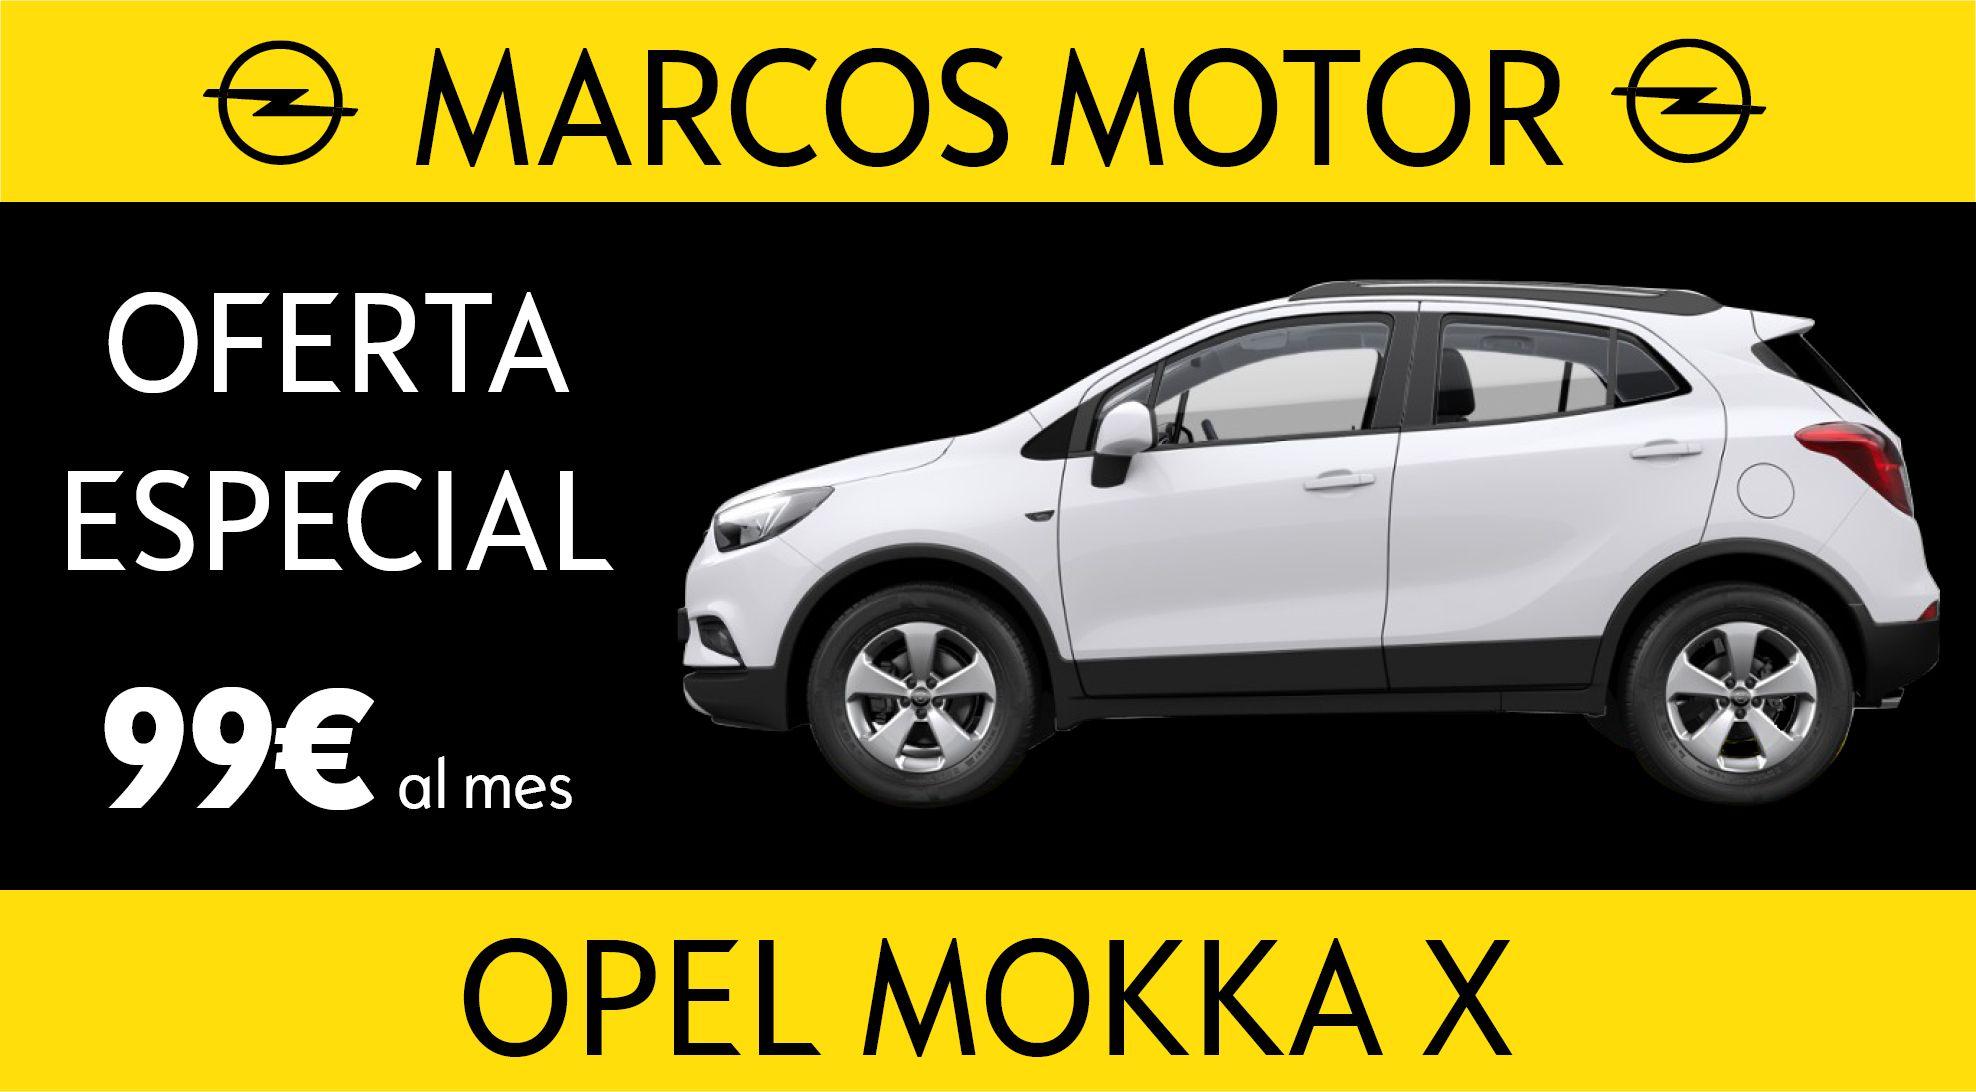 Opel Mokka X Offer € 99 per month